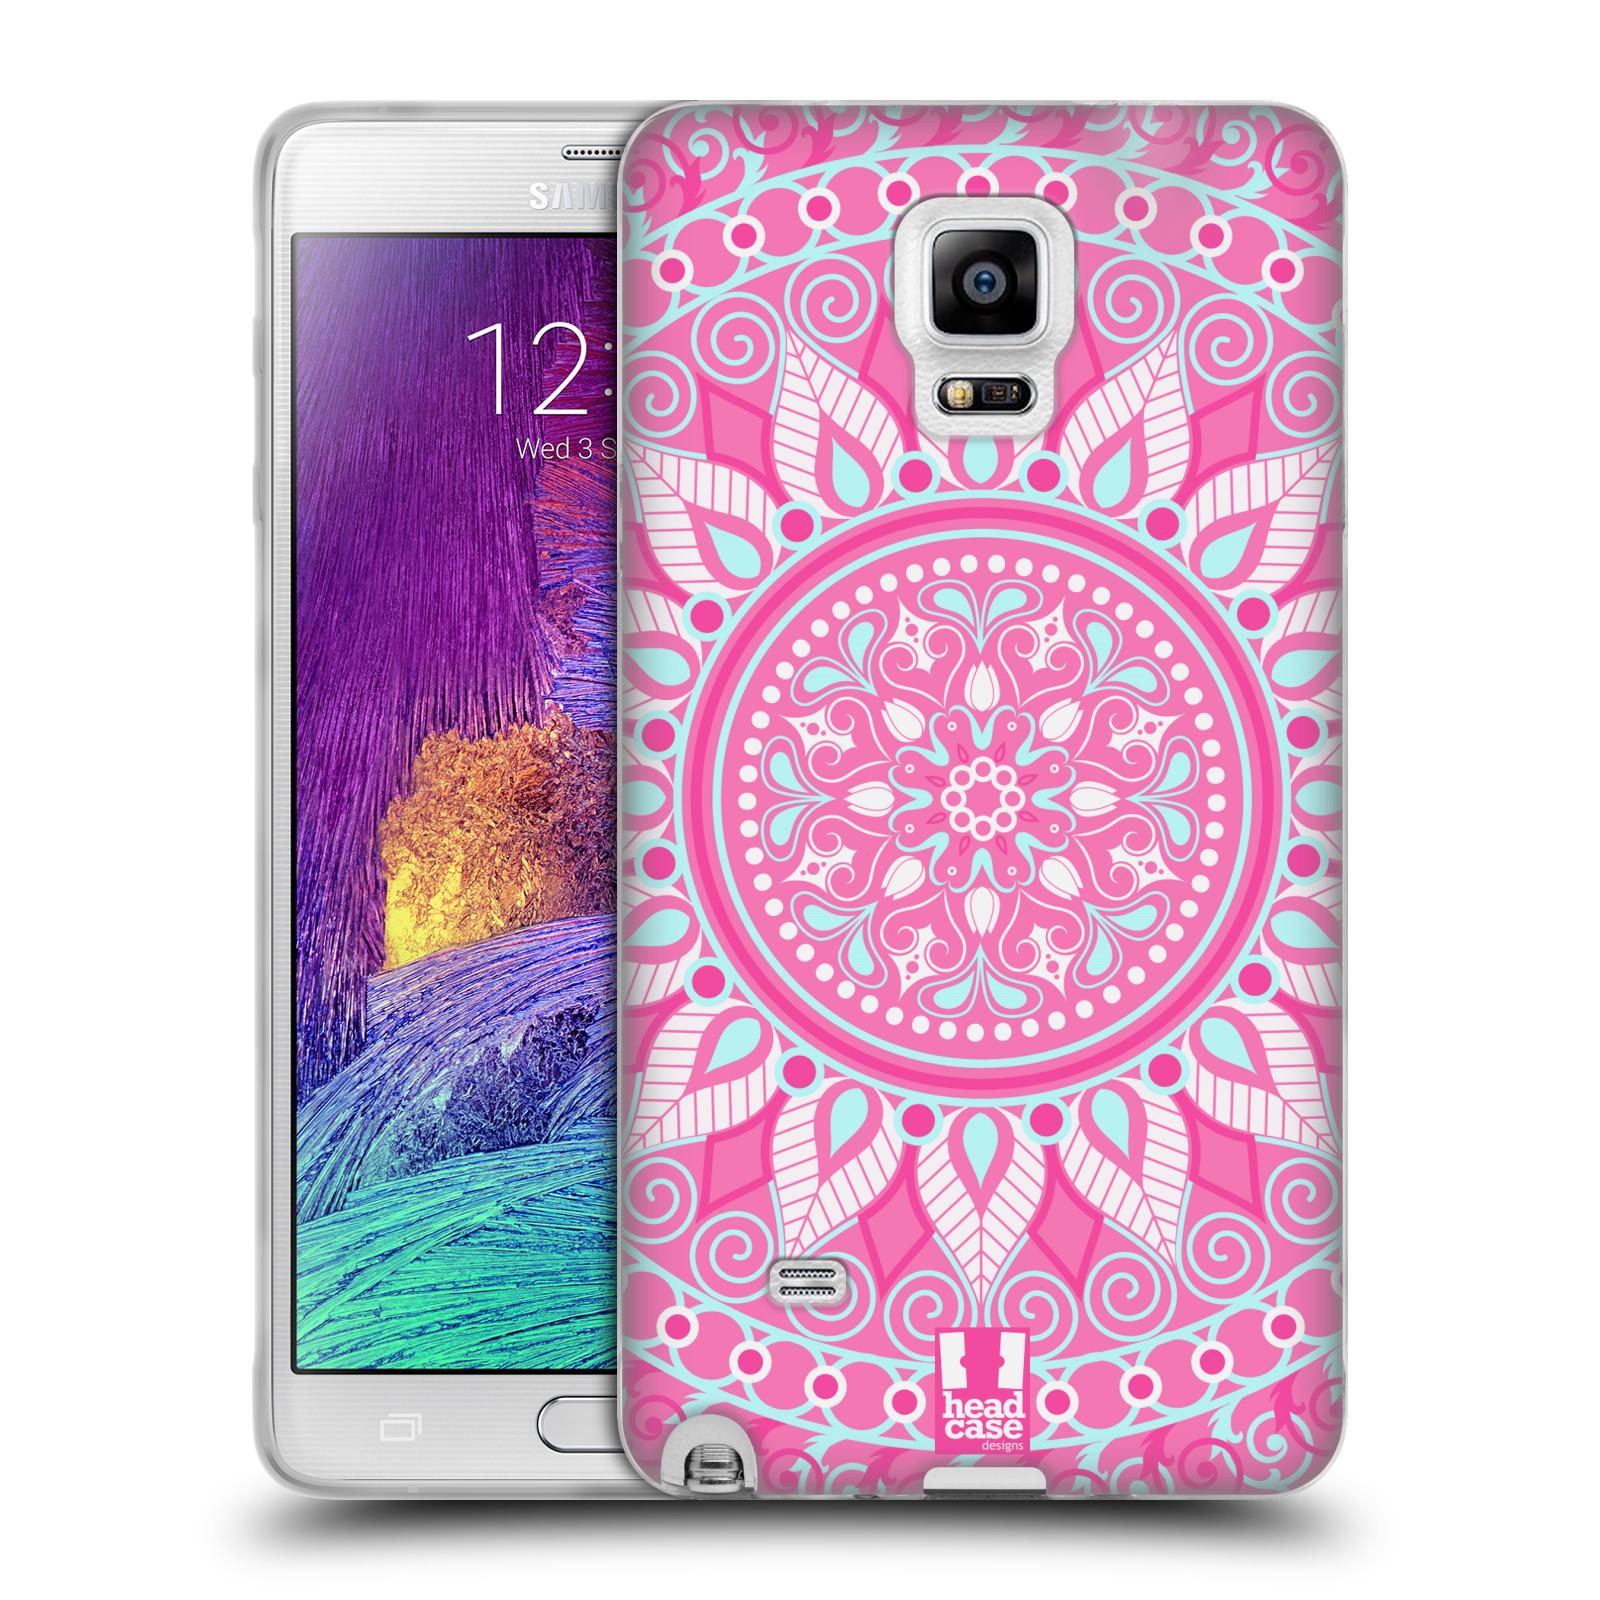 HEAD CASE silikonový obal na mobil Samsung Galaxy Note 4 (N910) vzor Indie Mandala slunce barevný motiv RŮŽOVÁ